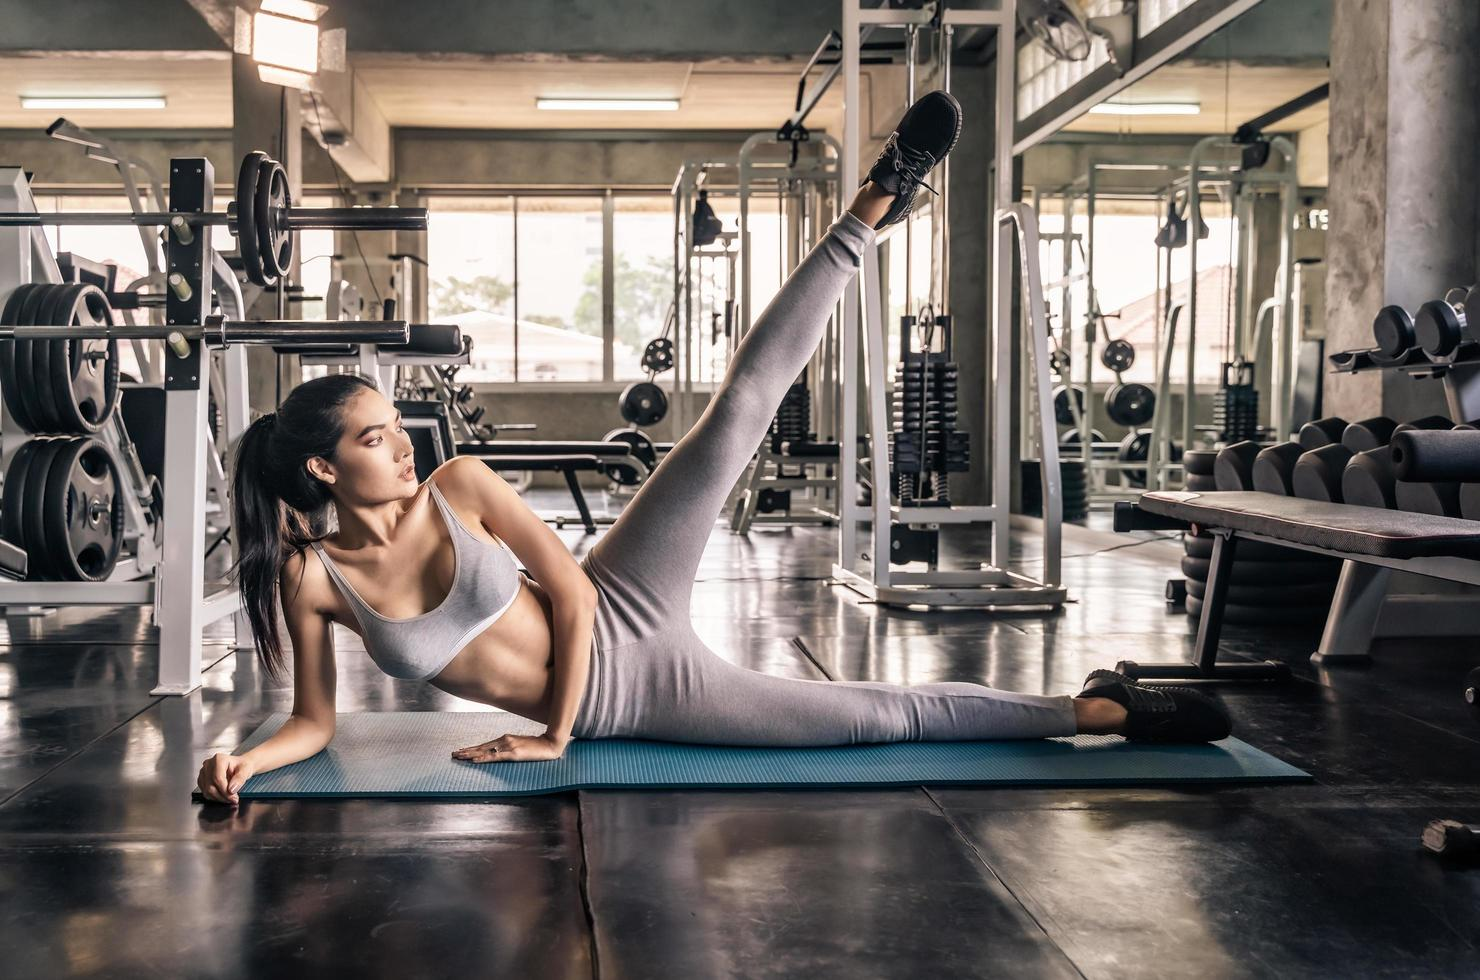 jonge Aziatische vrouw bij gymnastiek om uit te oefenen foto